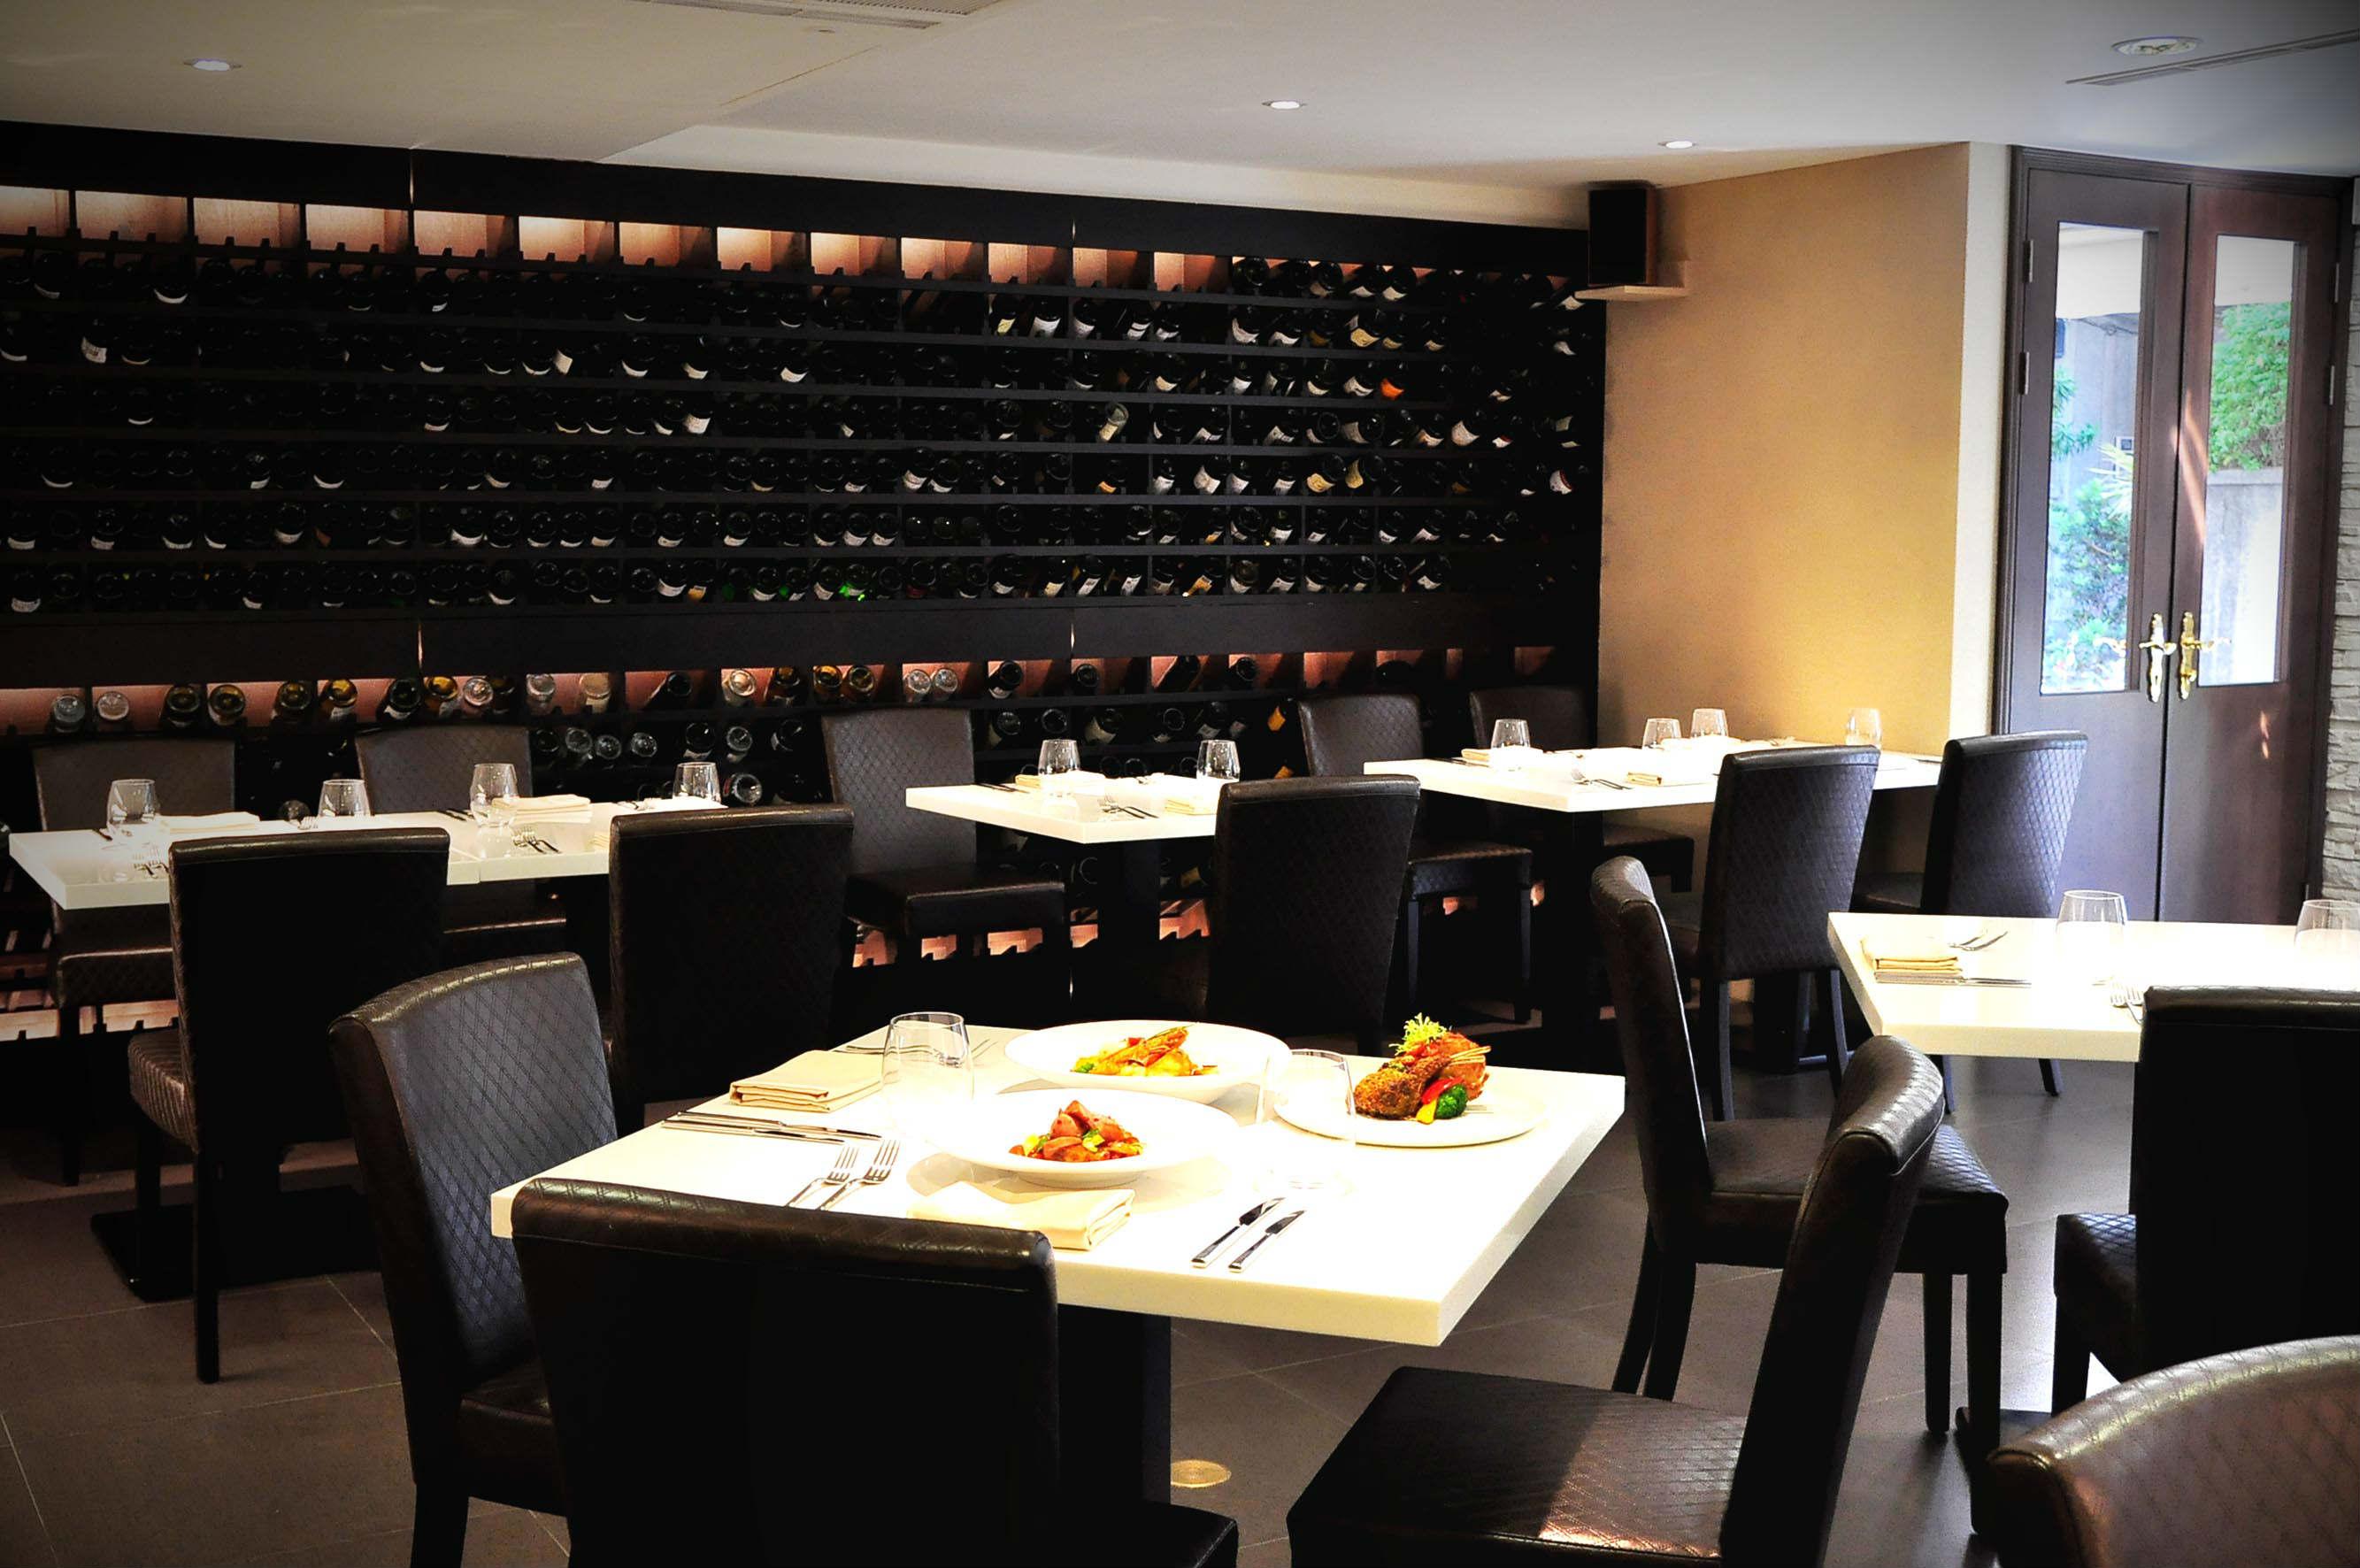 Albero義大利餐廳